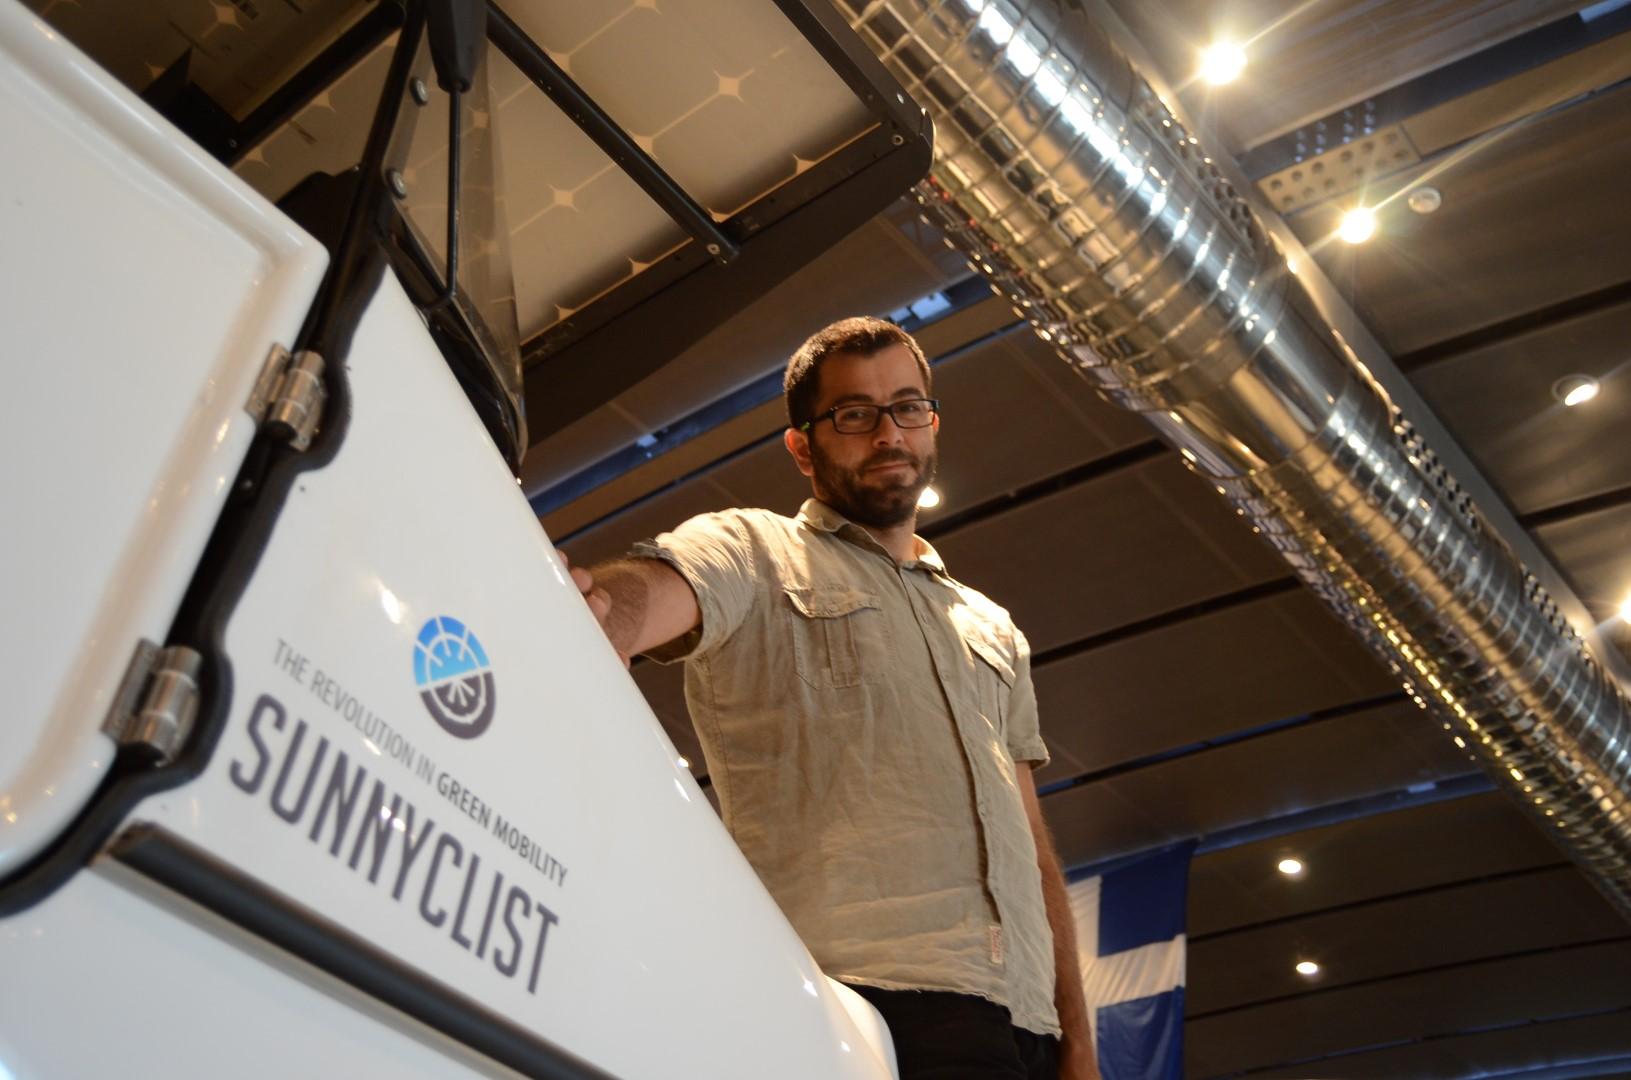 Το πρώτο ηλιακό όχημα παγκοσμίως έχει κάτι από Κρήτη